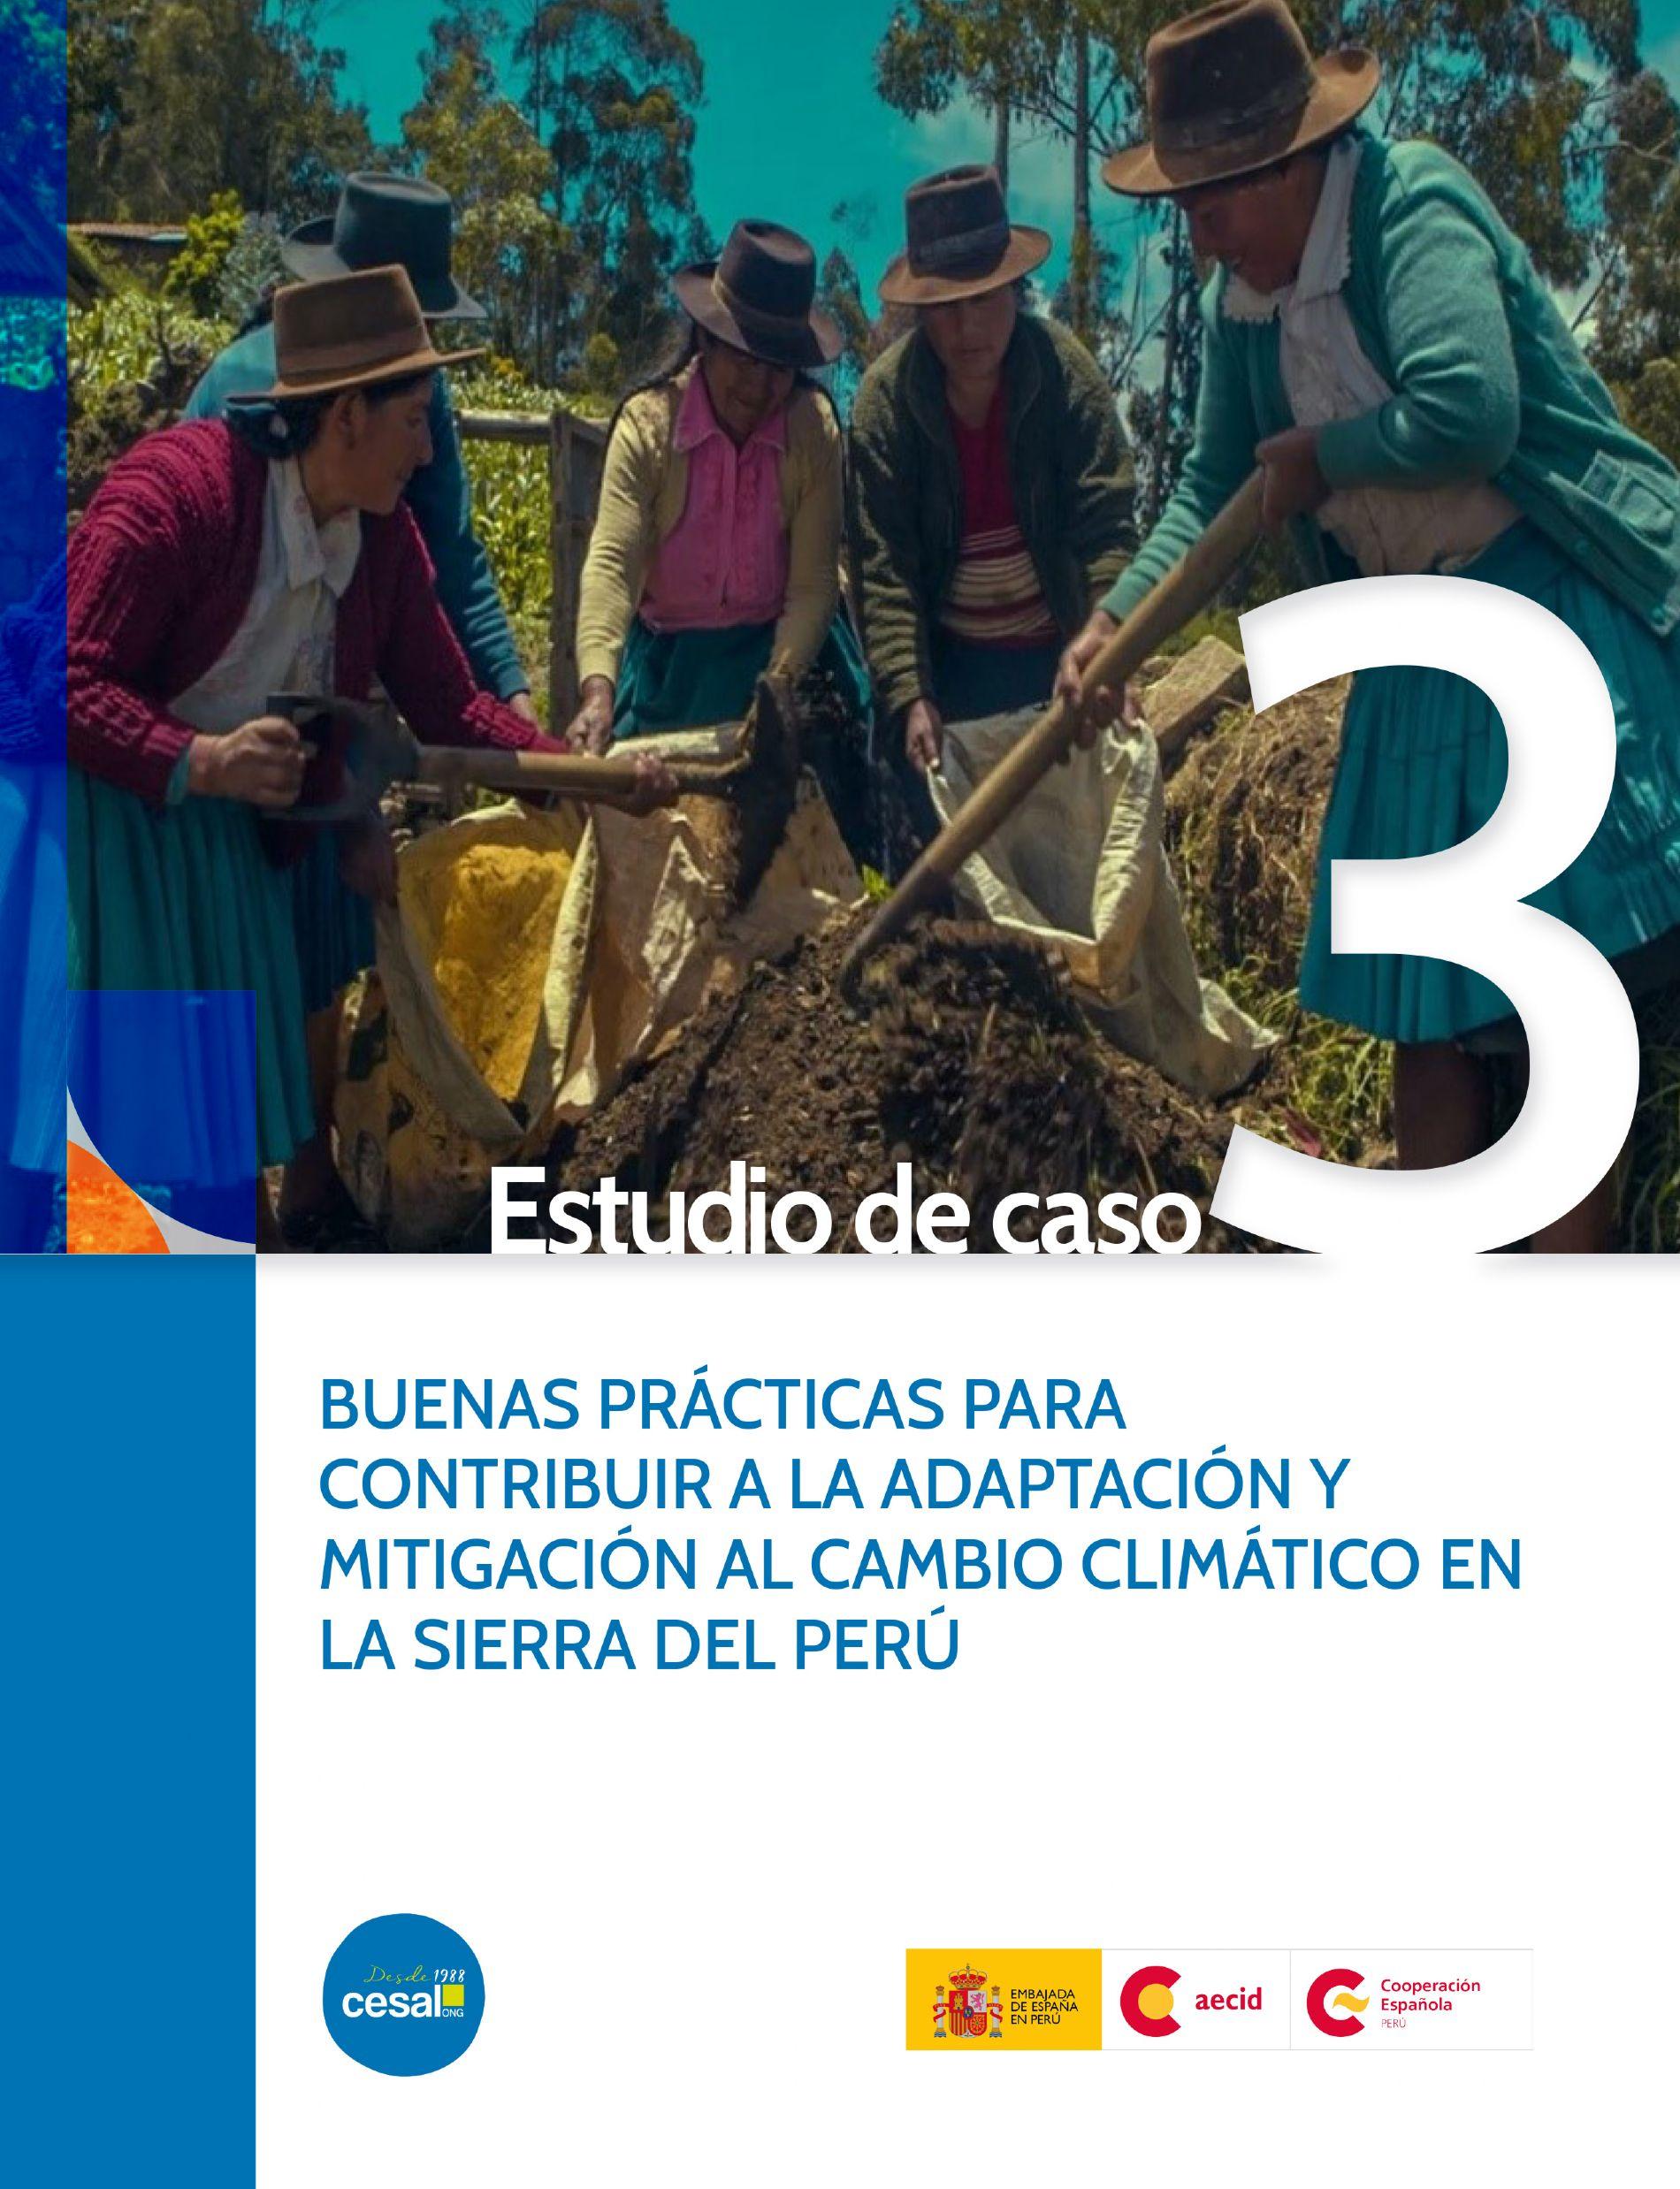 Buenas prácticas para contribuir a la adaptación y mitigación del cambio climático en la sierra de Perú